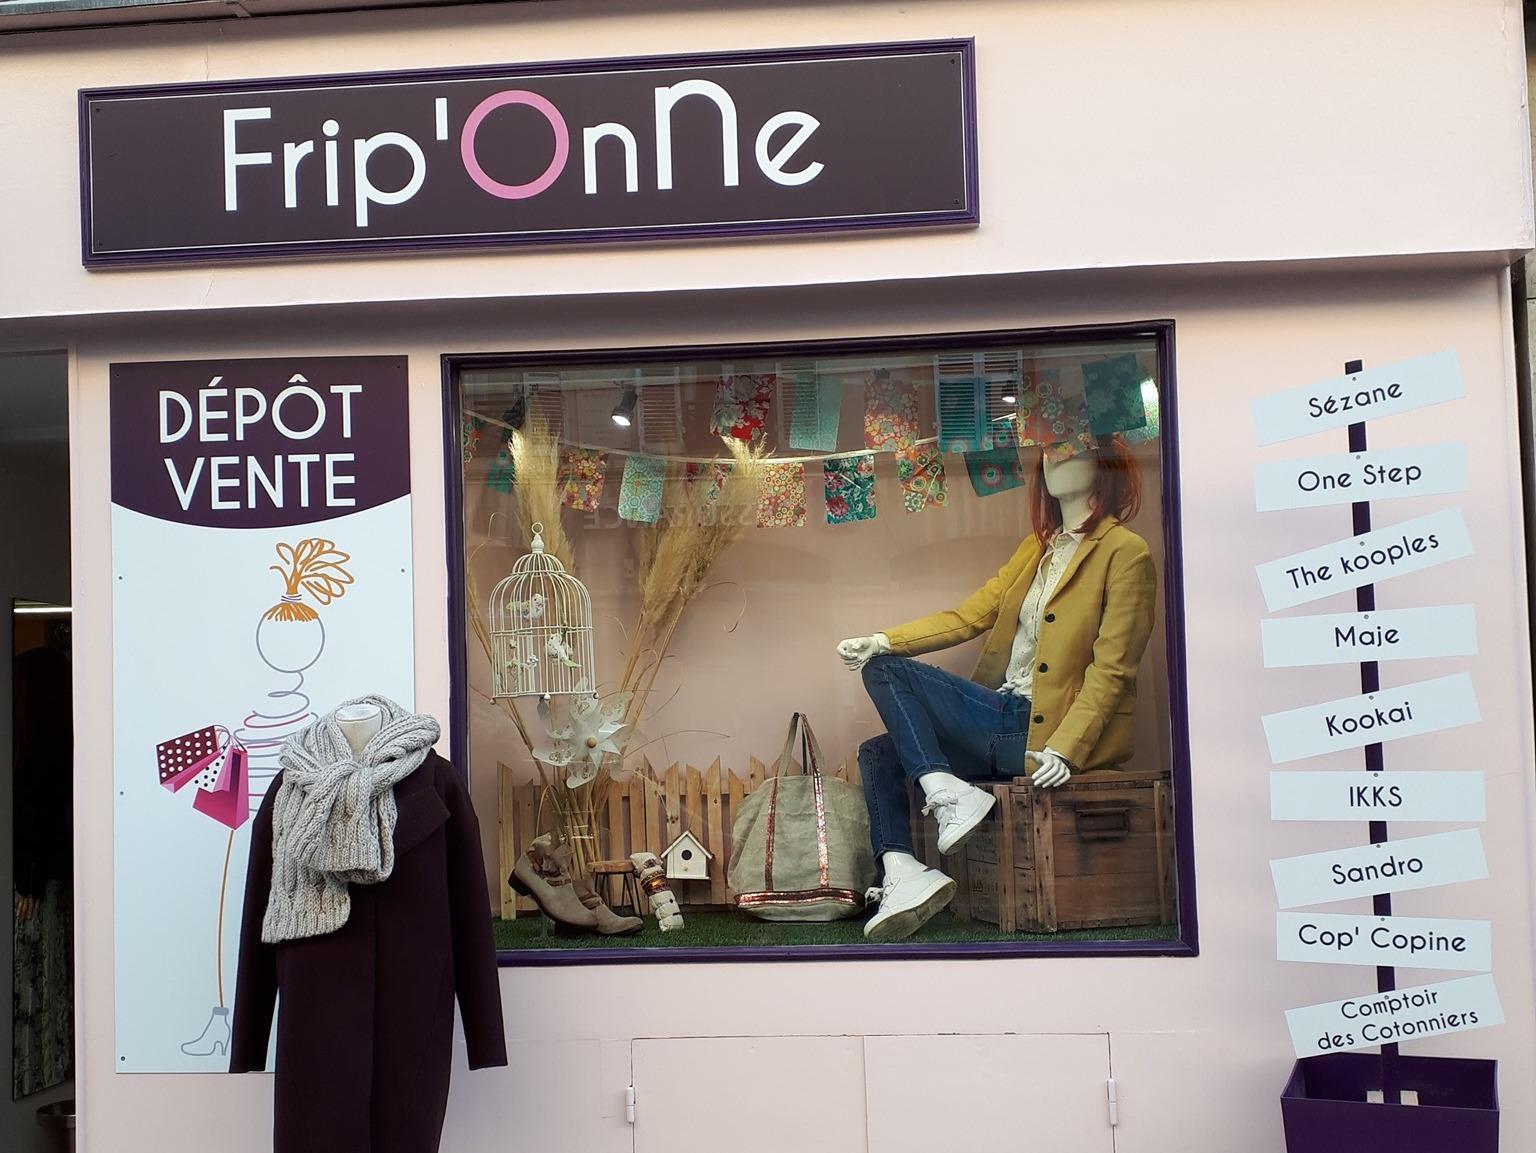 Image Frip'Onne dépôt-vente Dijon